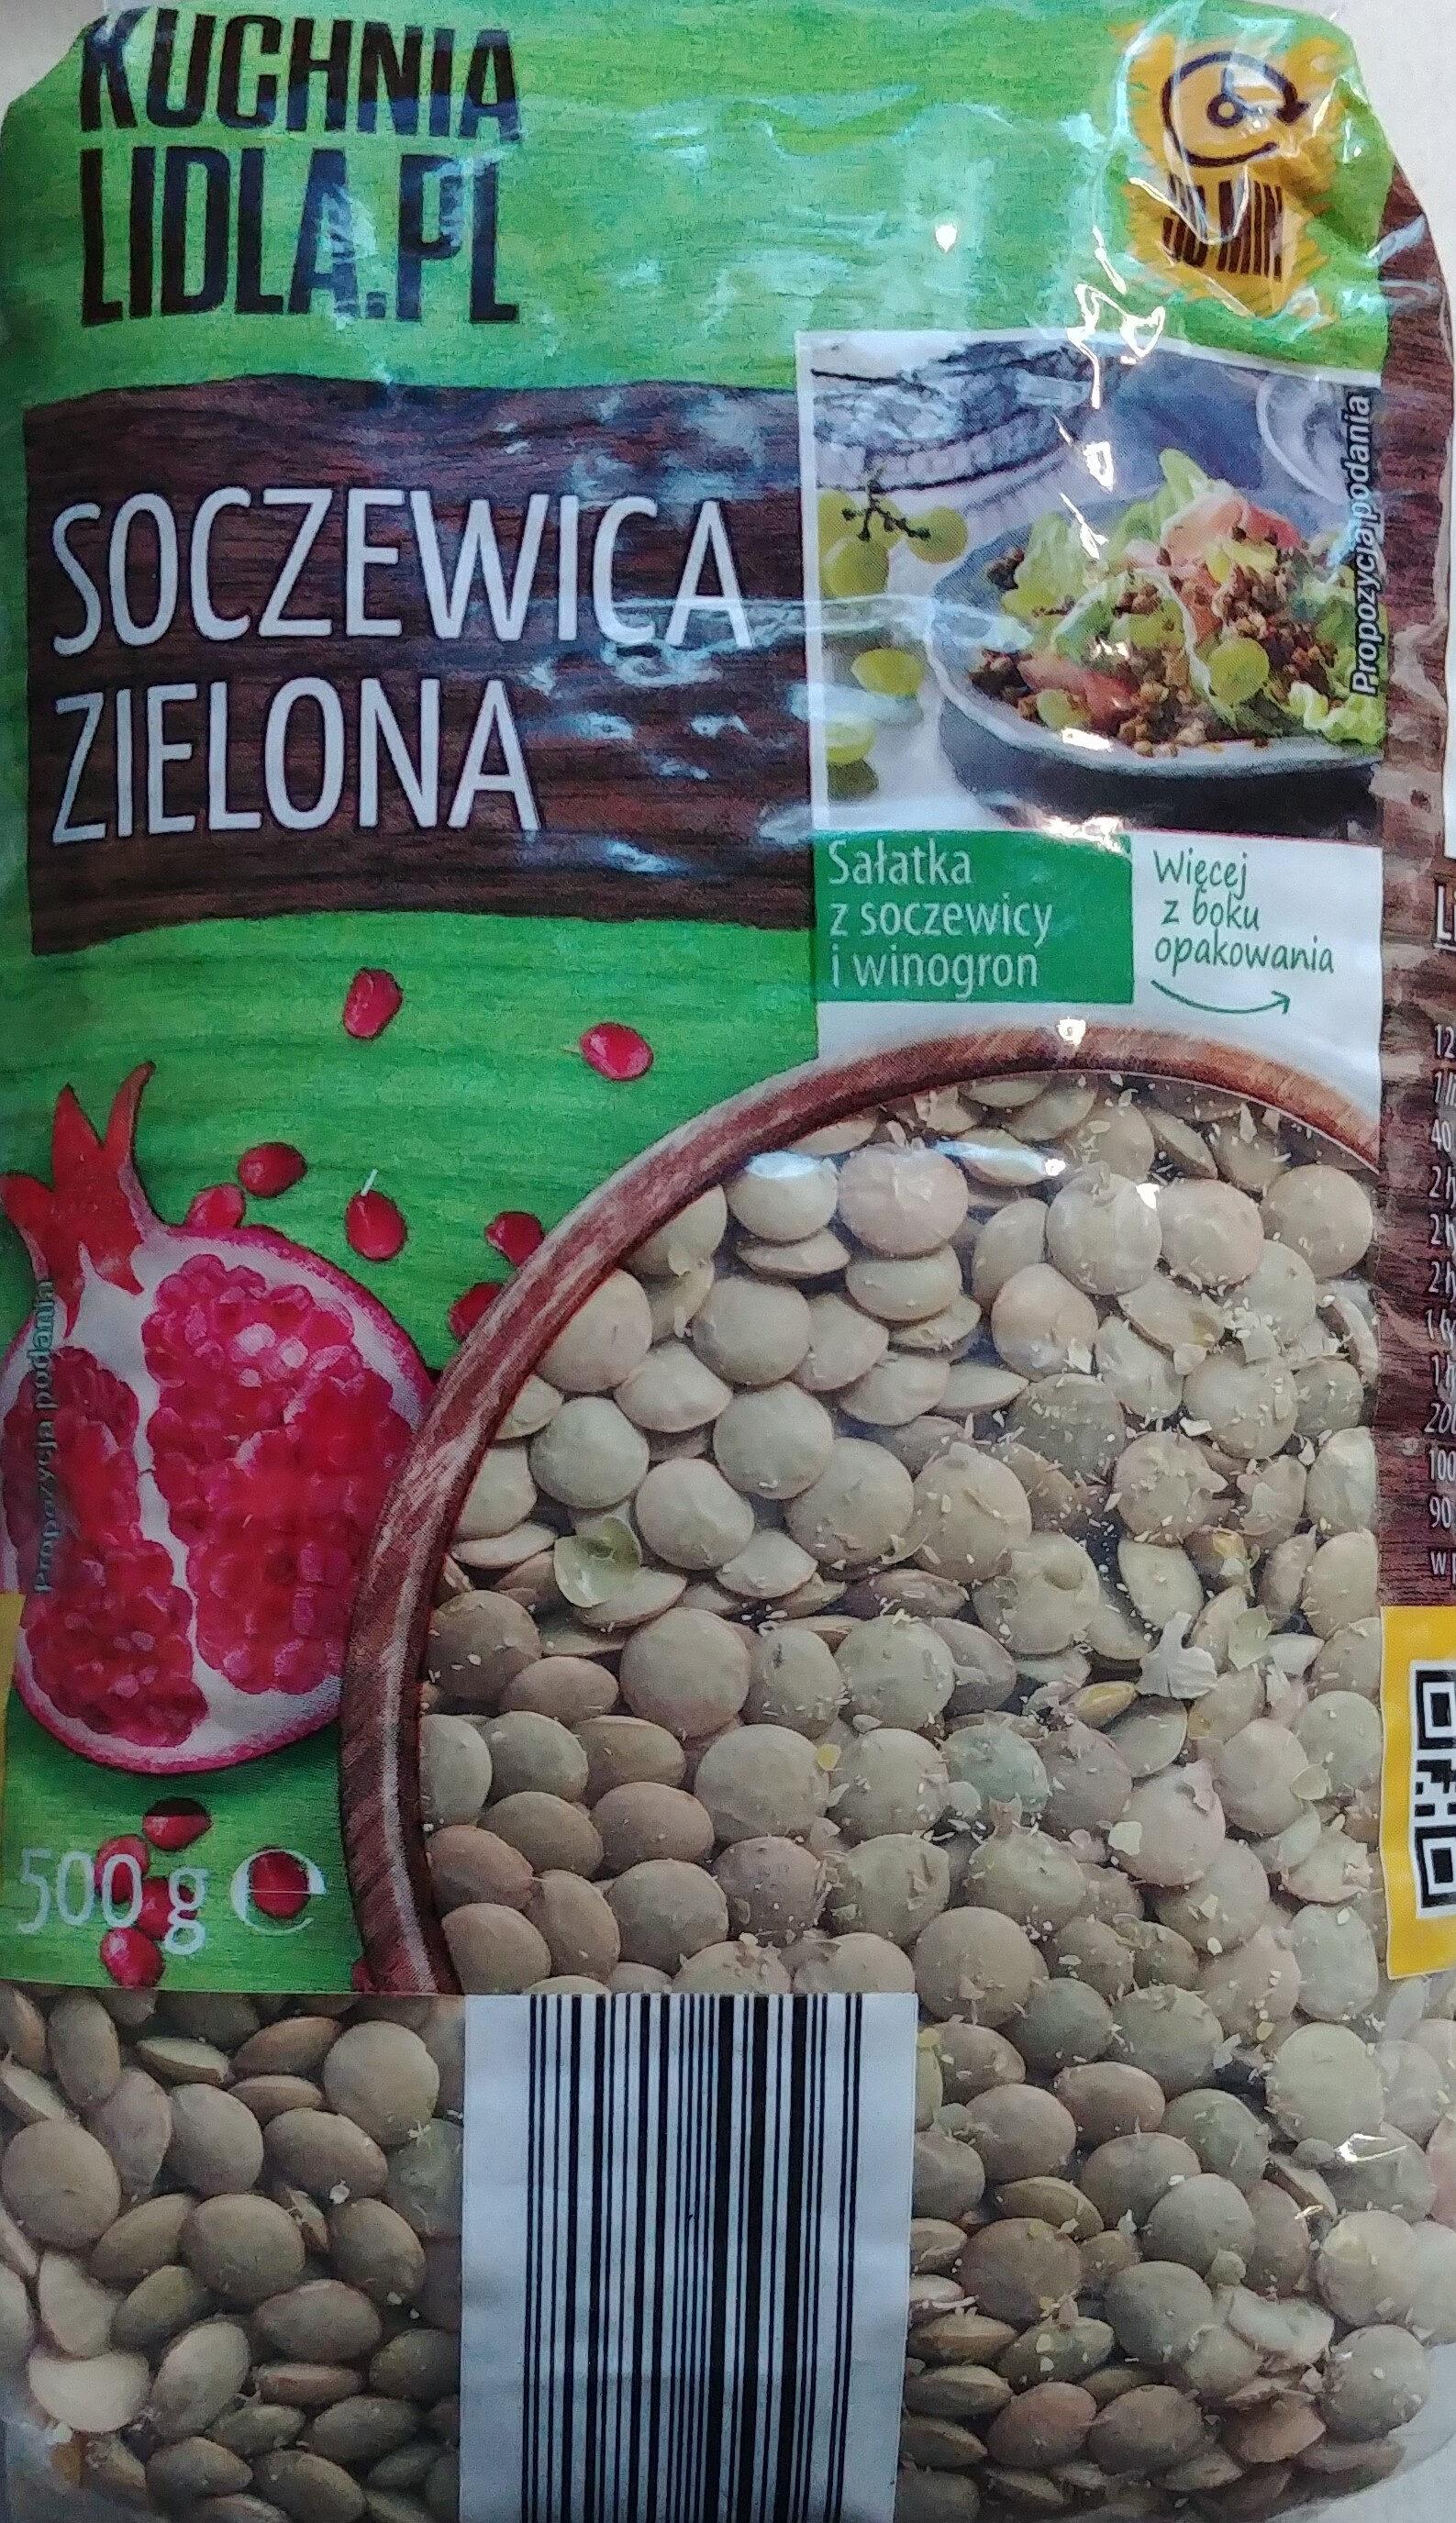 Soczewica zielona - Product - pl